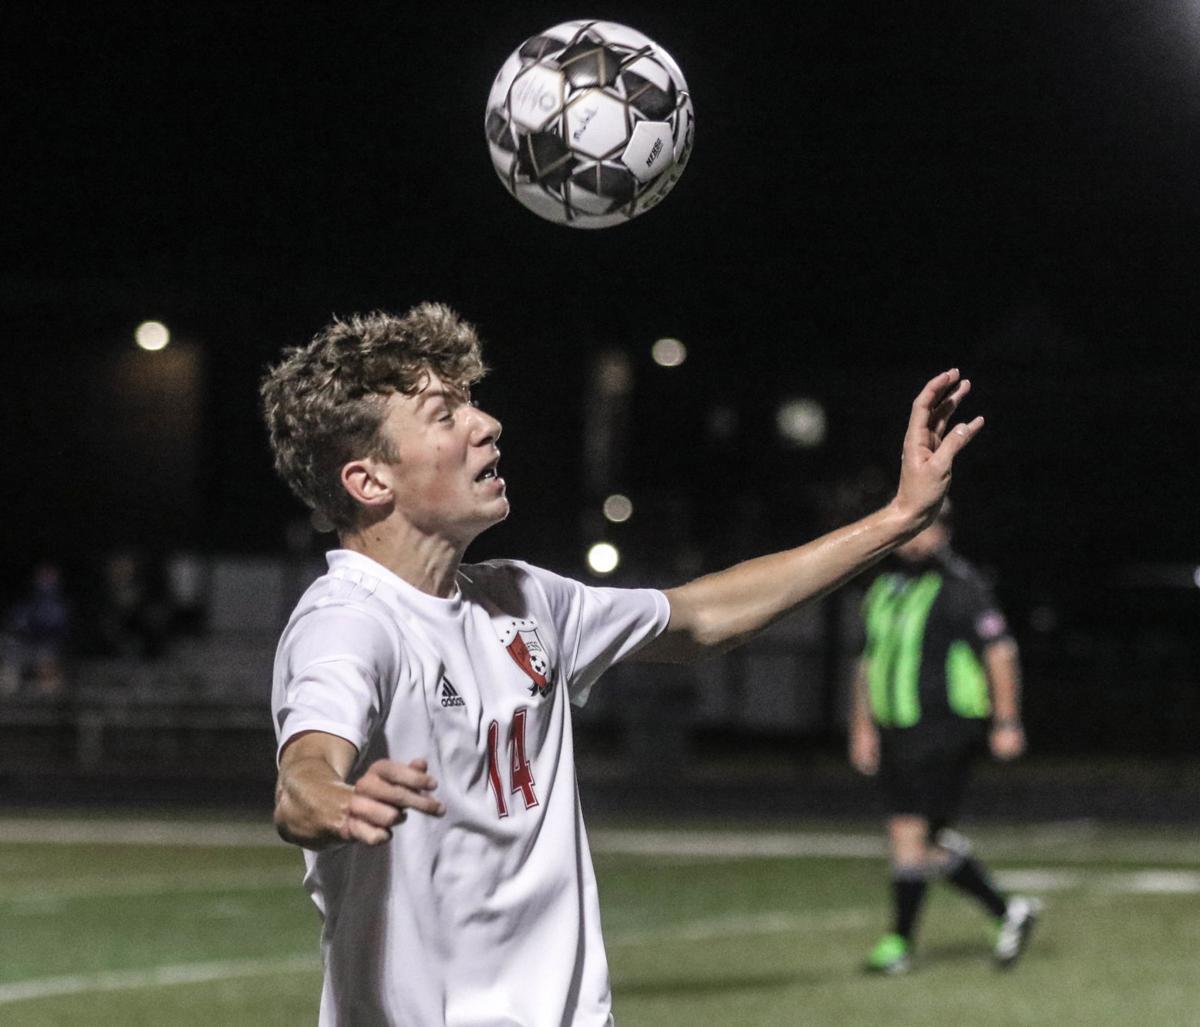 DCHS Apollo soccer